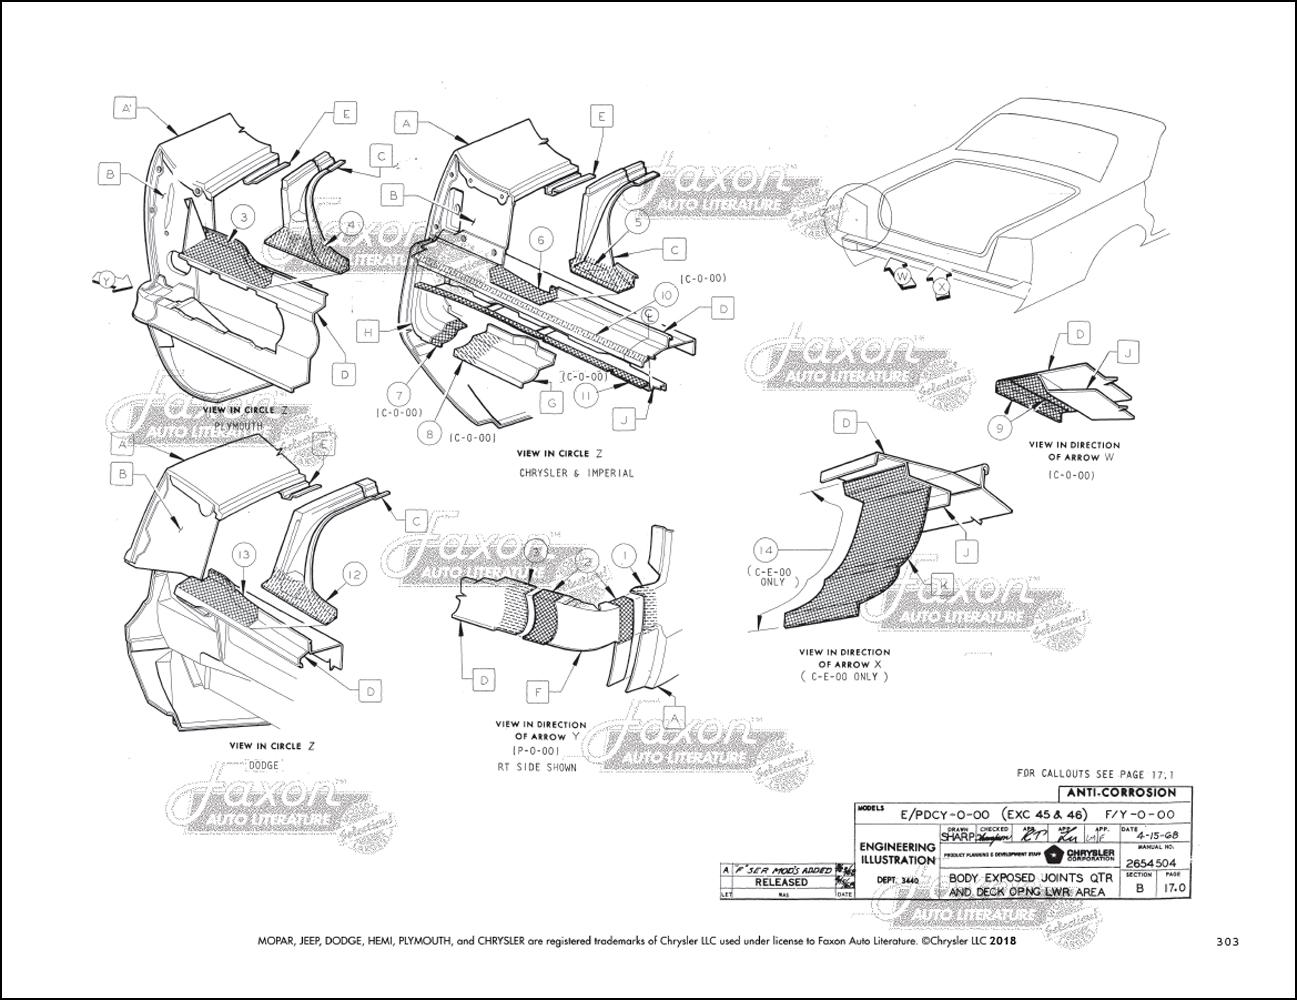 1969-1970 Dodge Plymouth Body Assembly Manual Polara